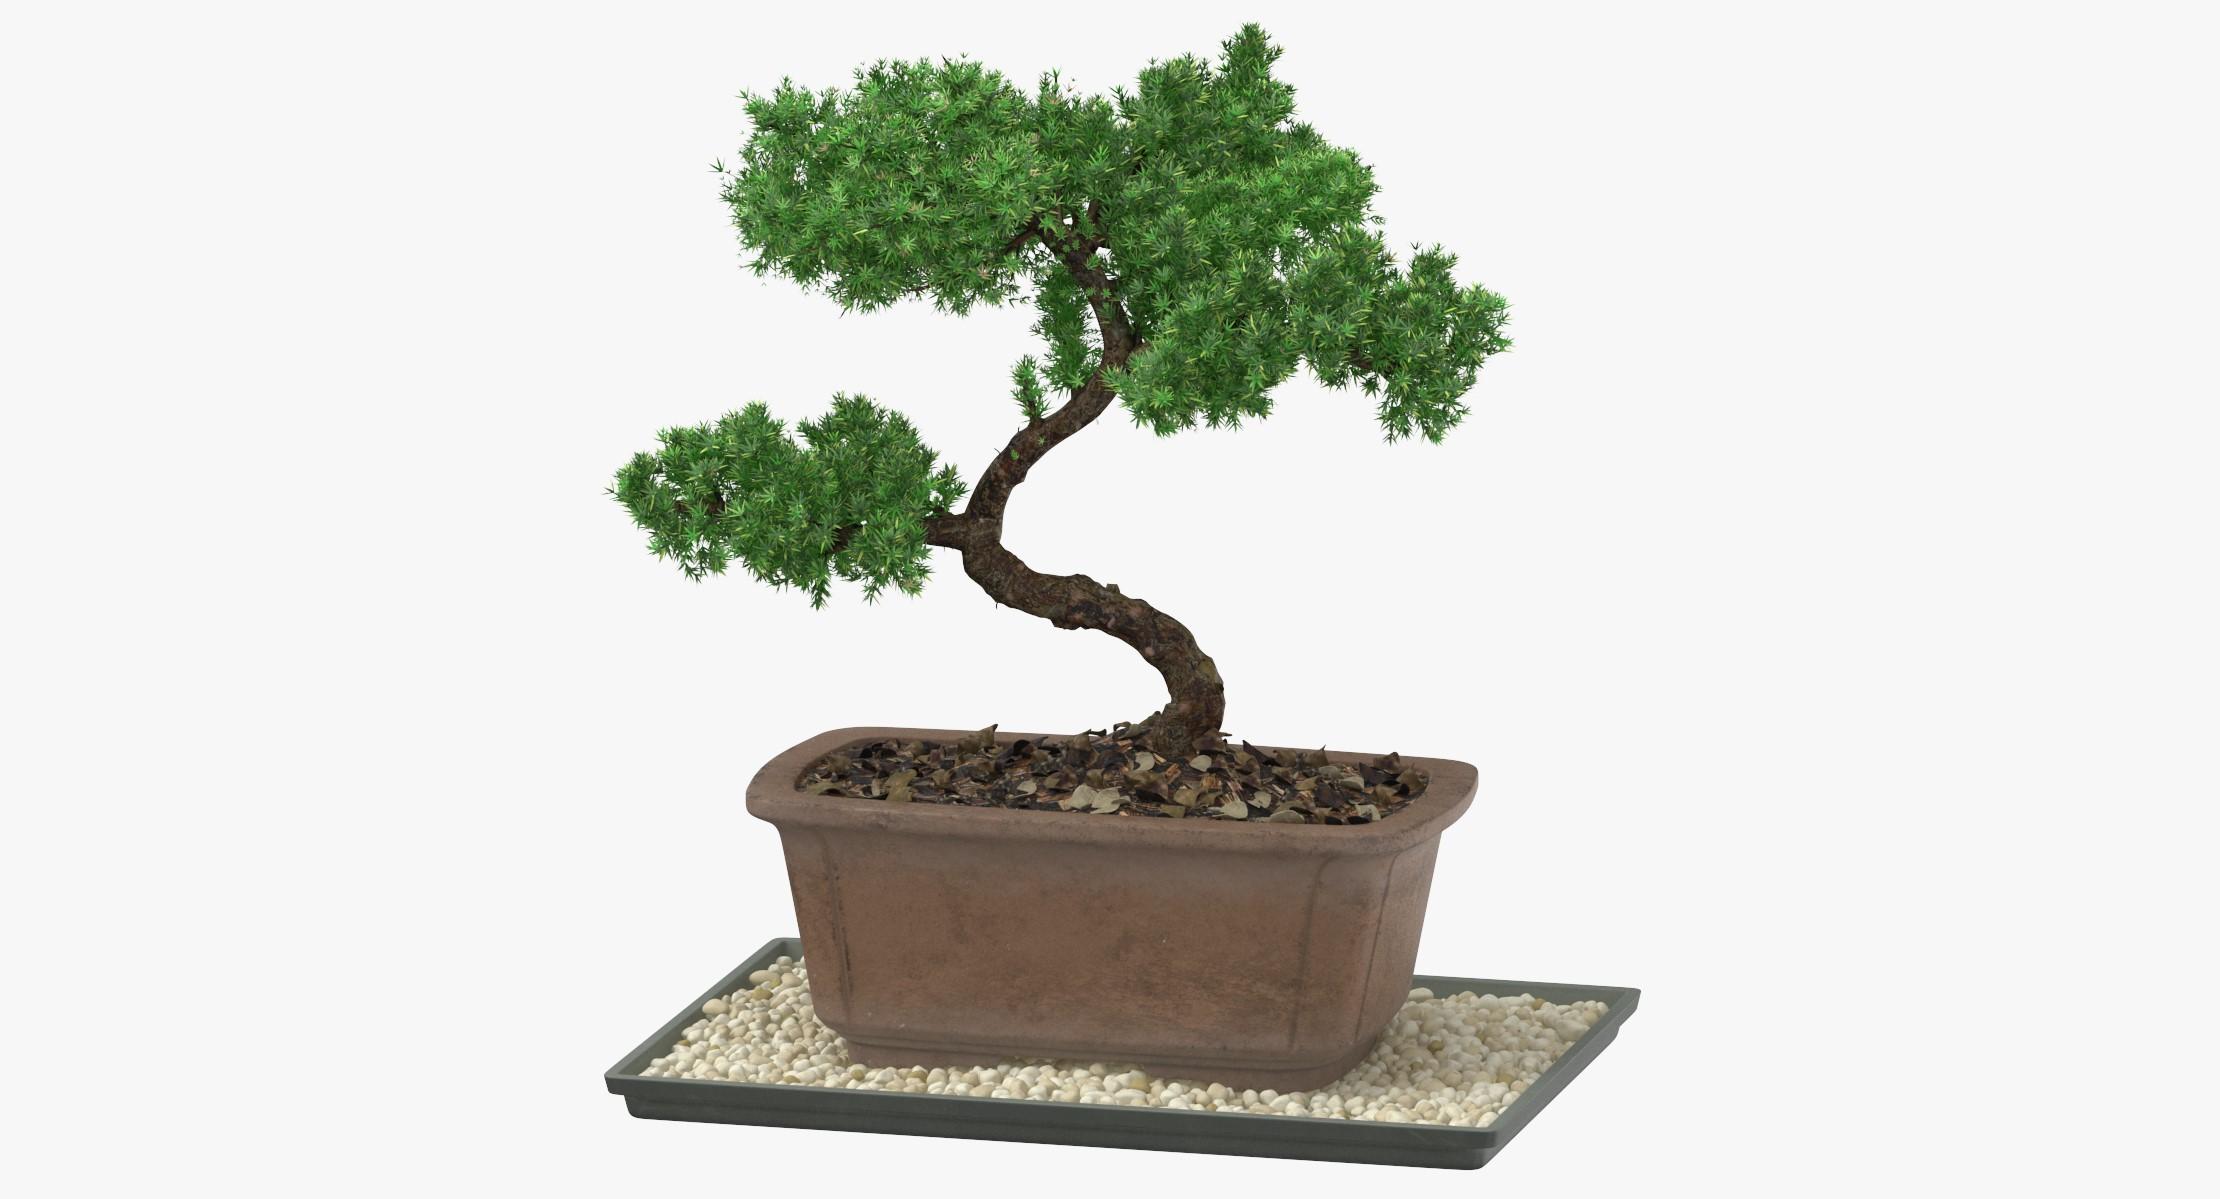 Achat de bonsaï: Même lorsque vous avez une fenêtre orientée au sud, il est probable que l'intensité de la lumière soit encore trop faible.